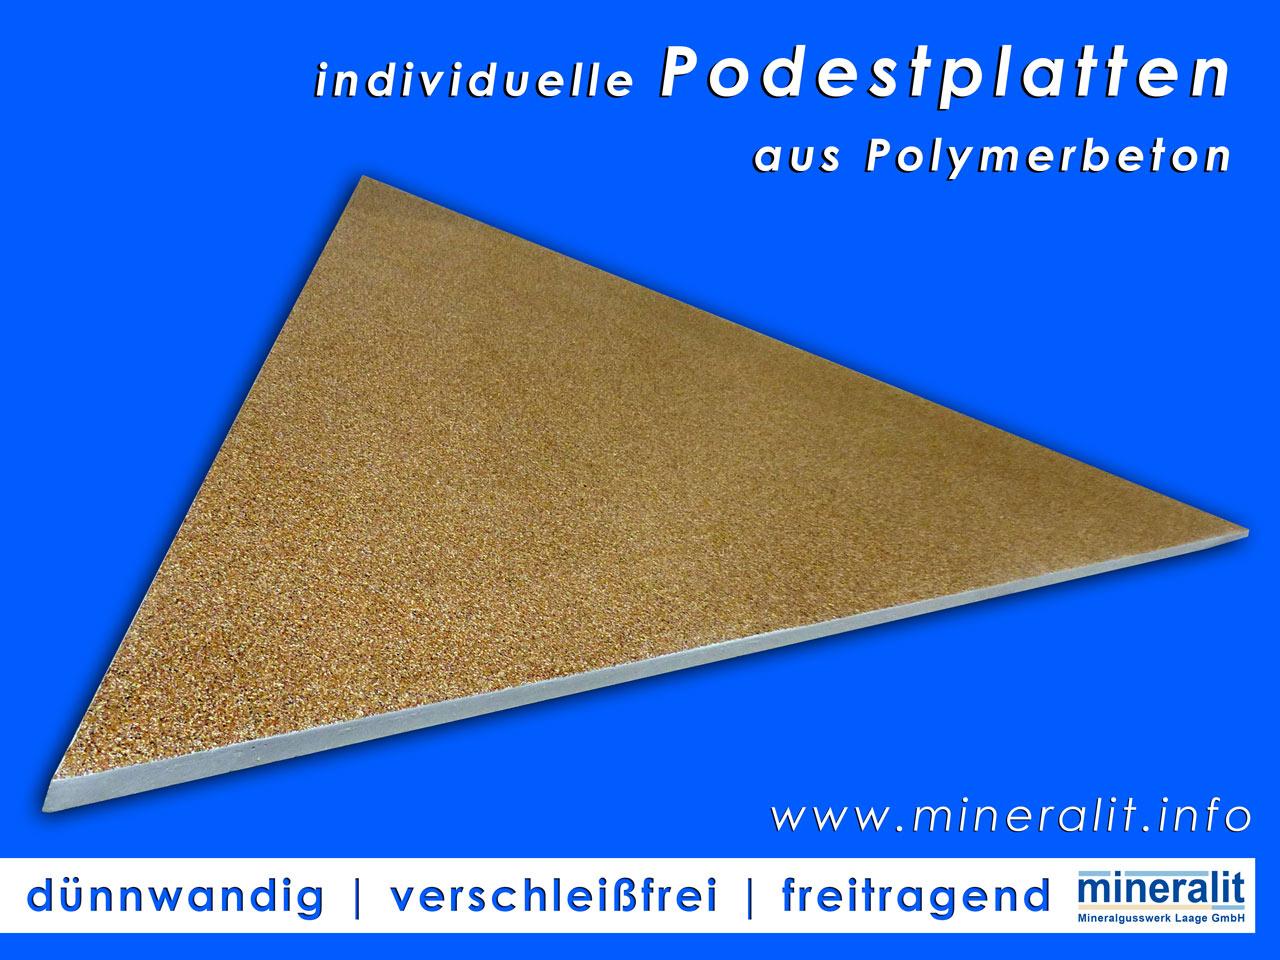 Podestplatten vergleichbar mit einem Naturstein wie Granit oder Marmor